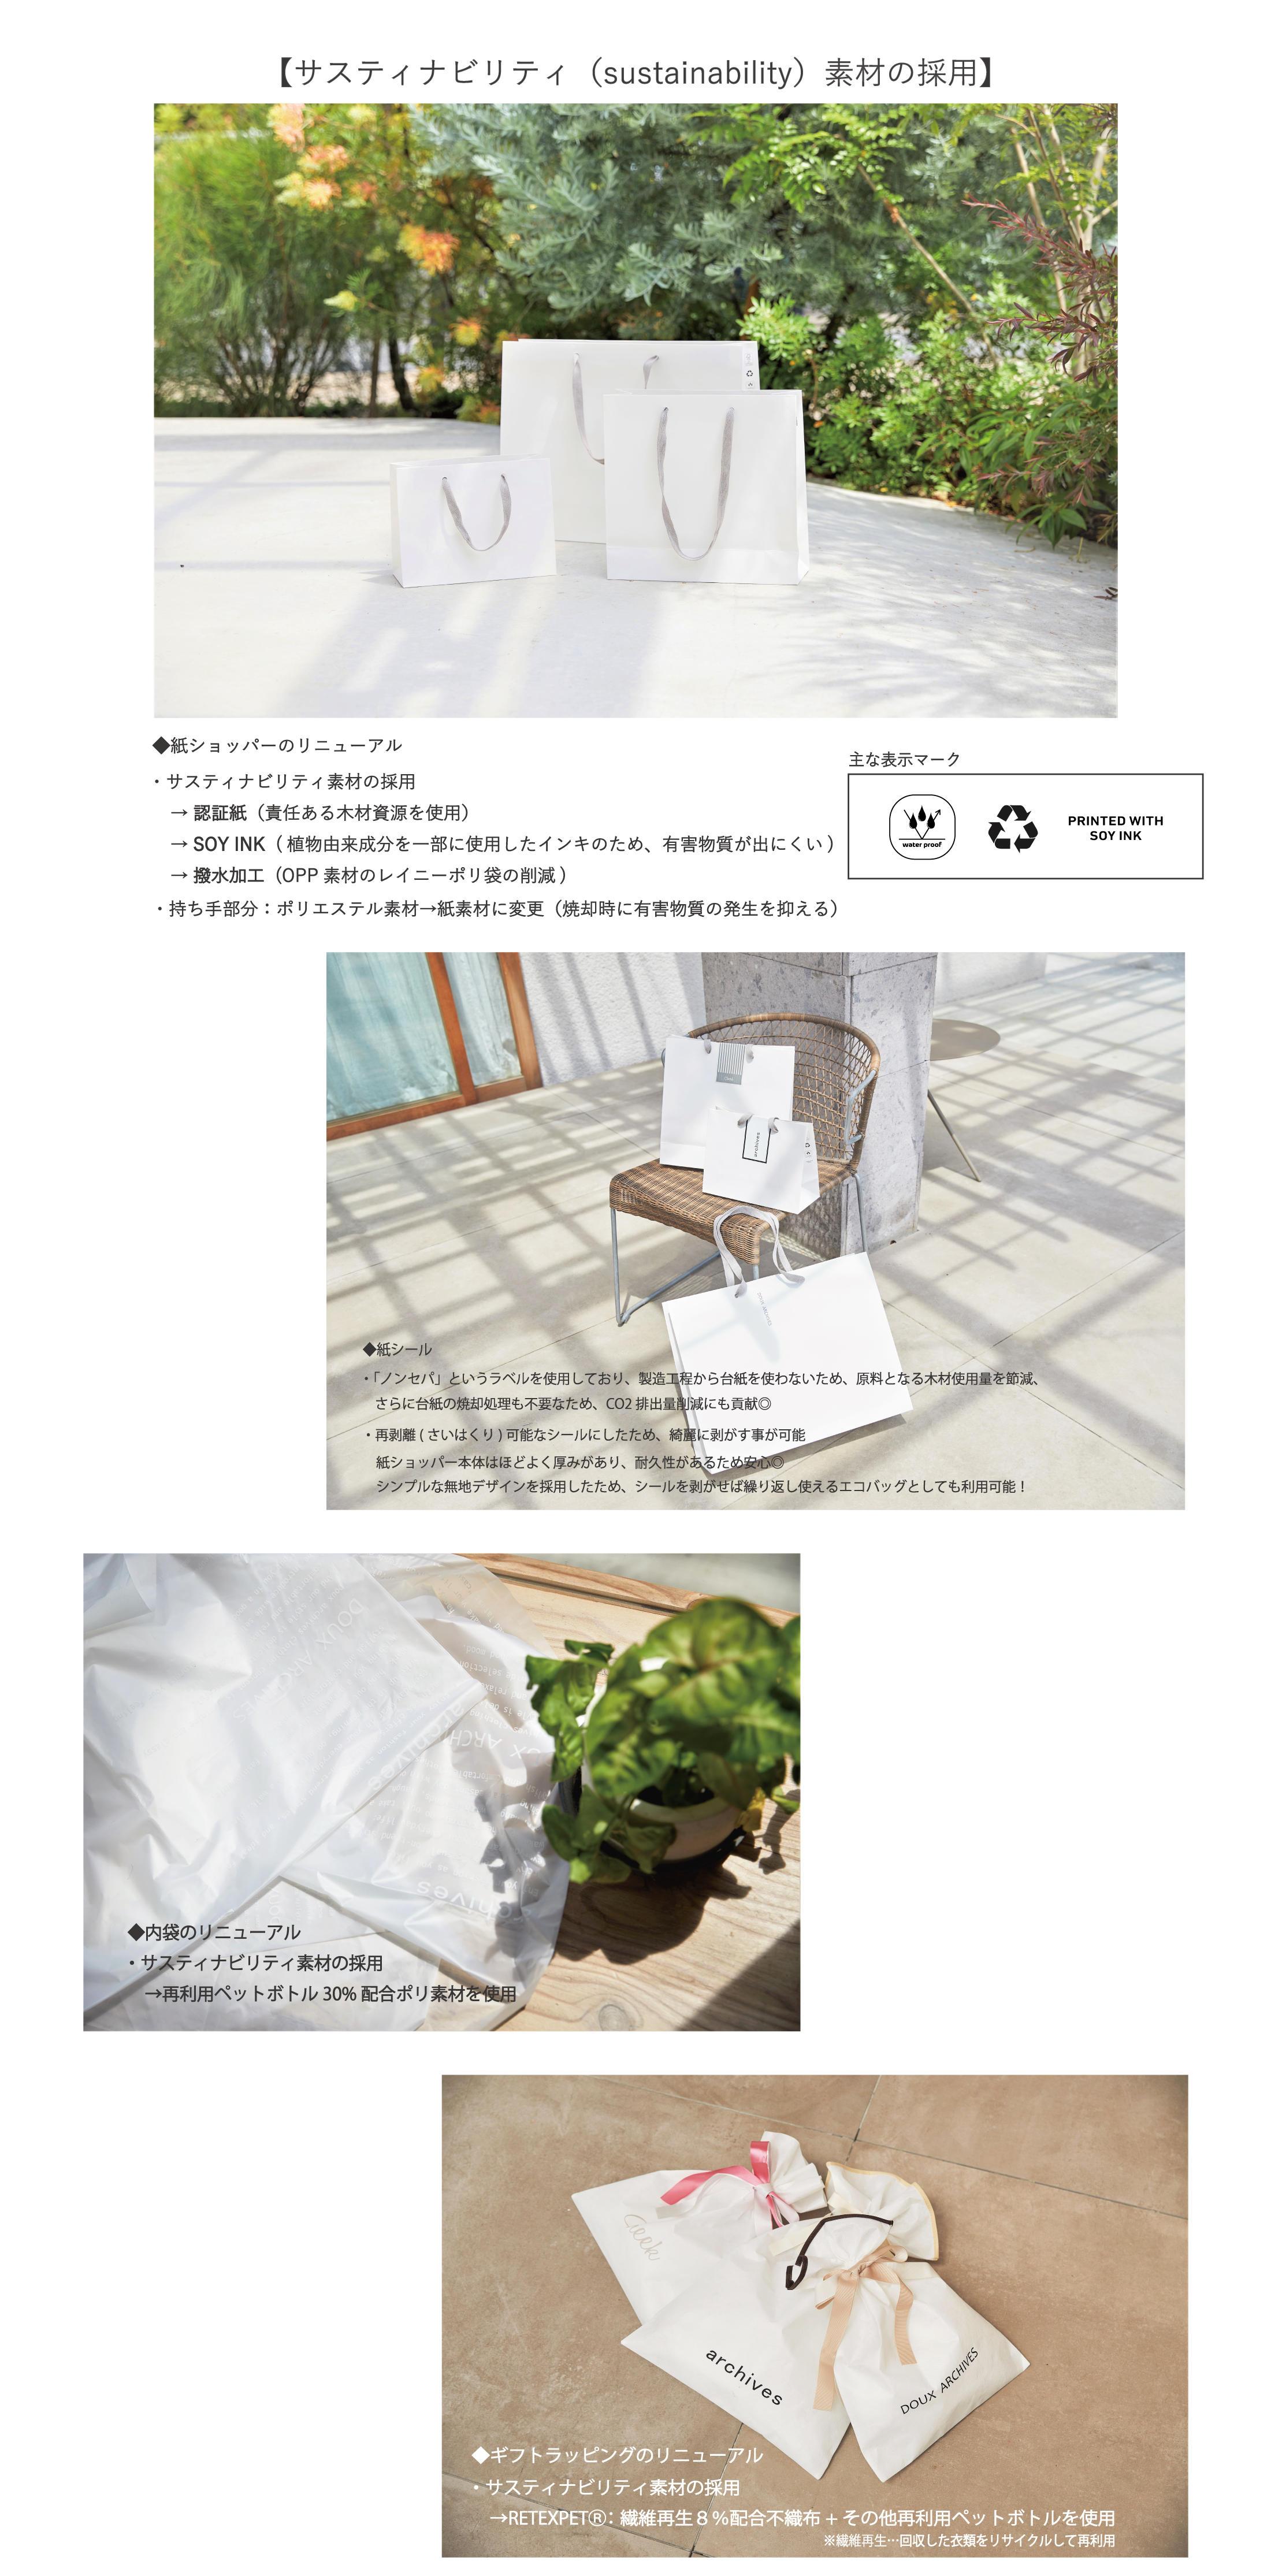 2021.5.19 新ショッパー HP用.jpg